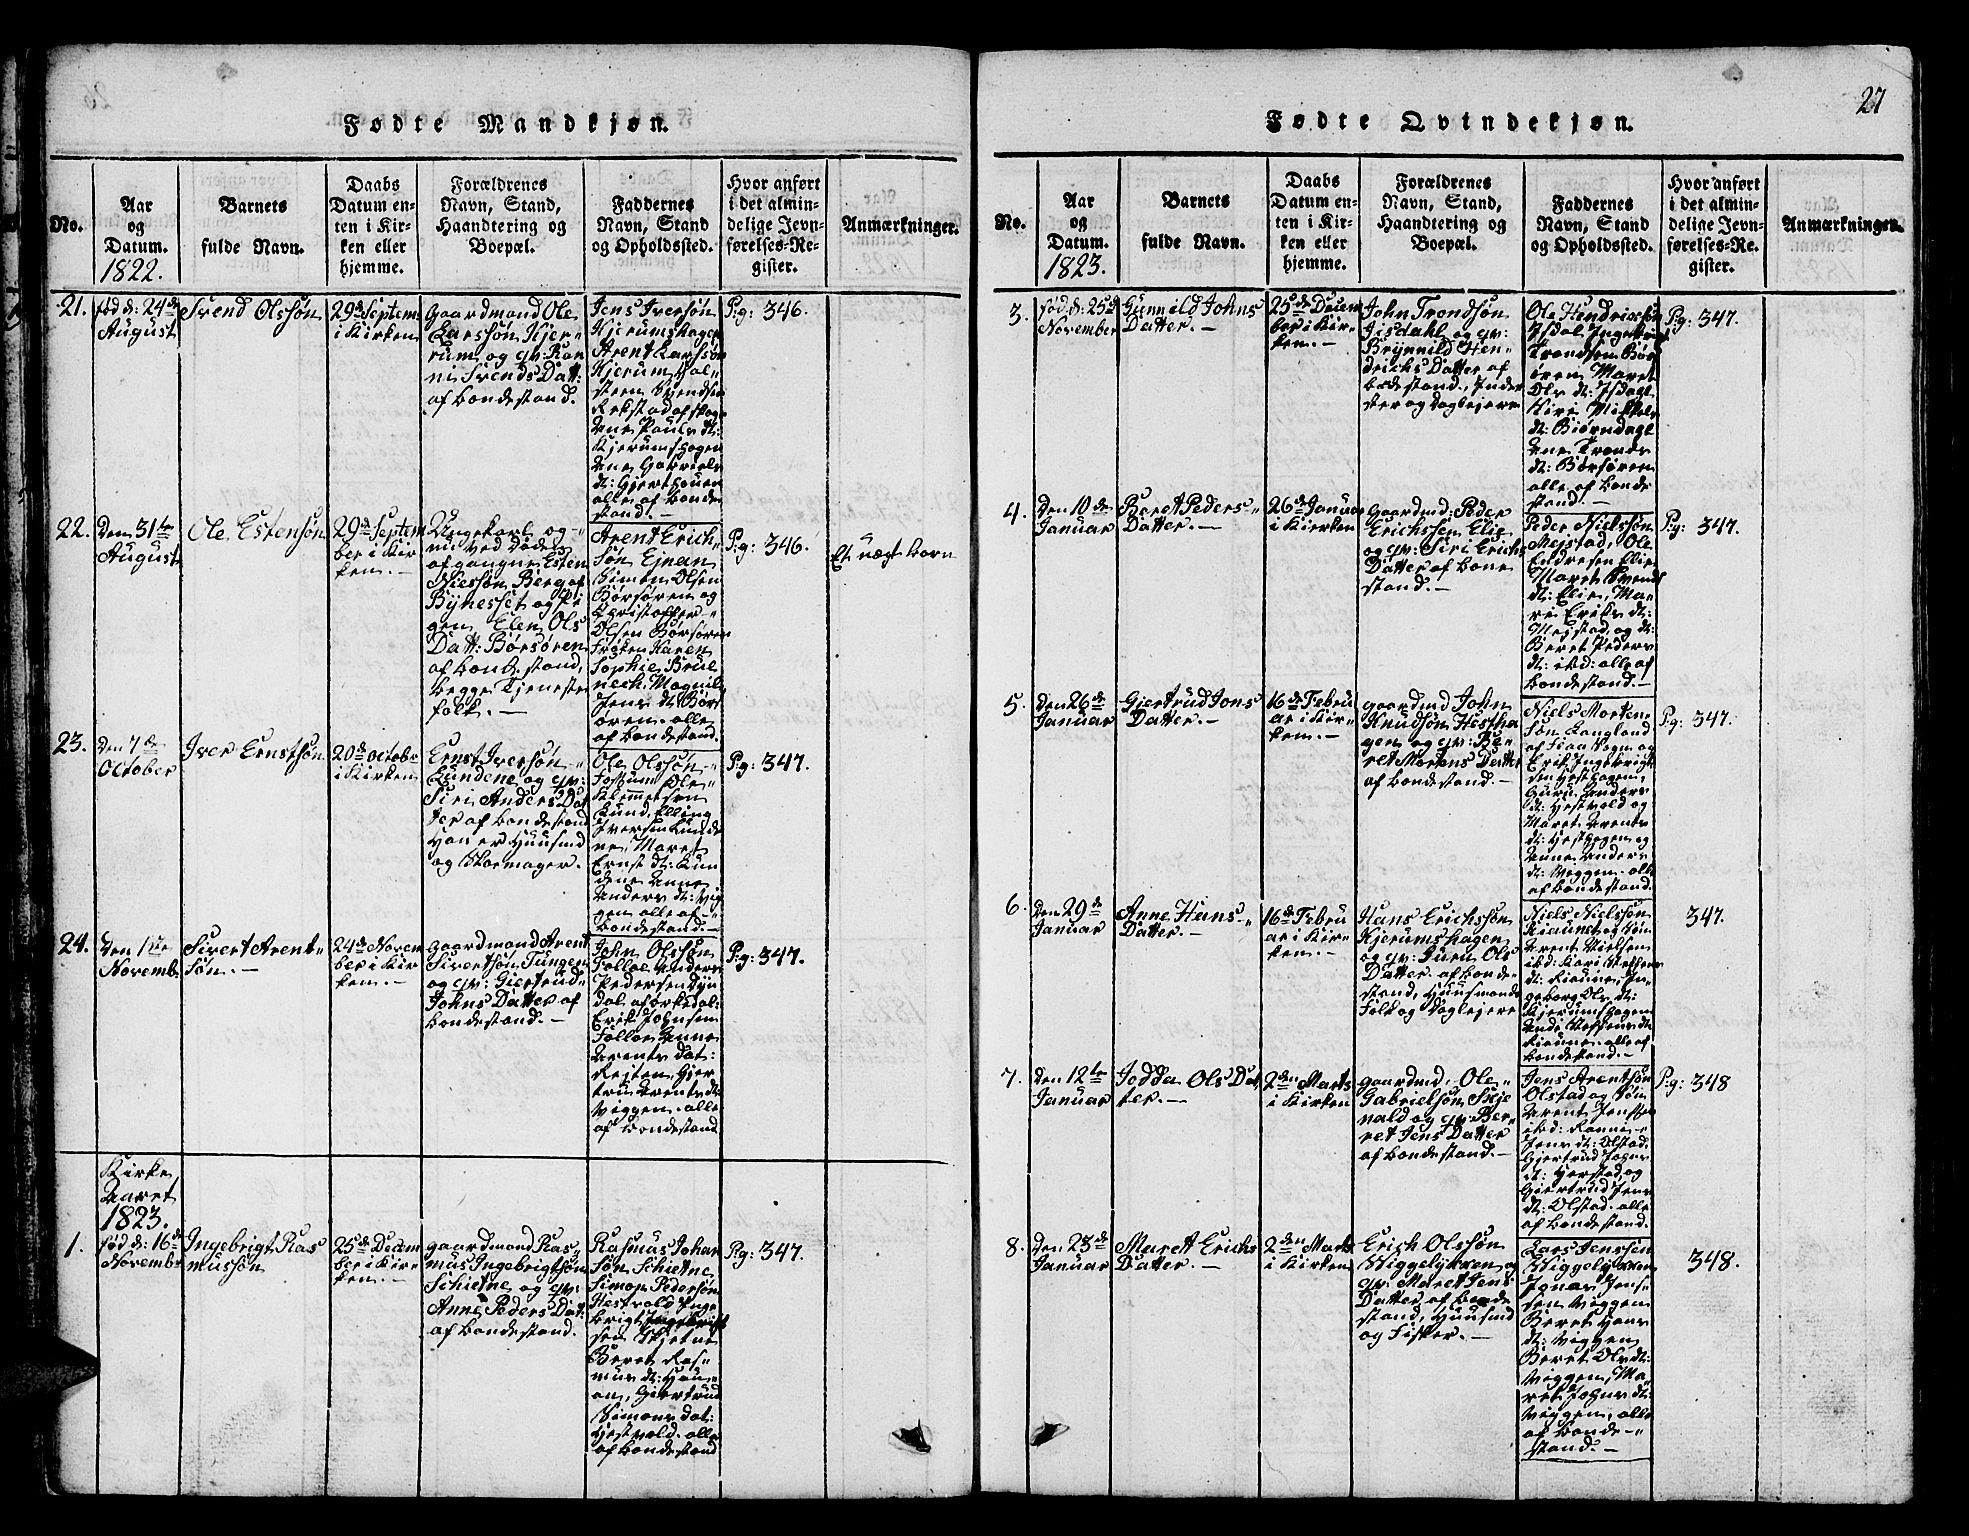 SAT, Ministerialprotokoller, klokkerbøker og fødselsregistre - Sør-Trøndelag, 665/L0776: Klokkerbok nr. 665C01, 1817-1837, s. 27